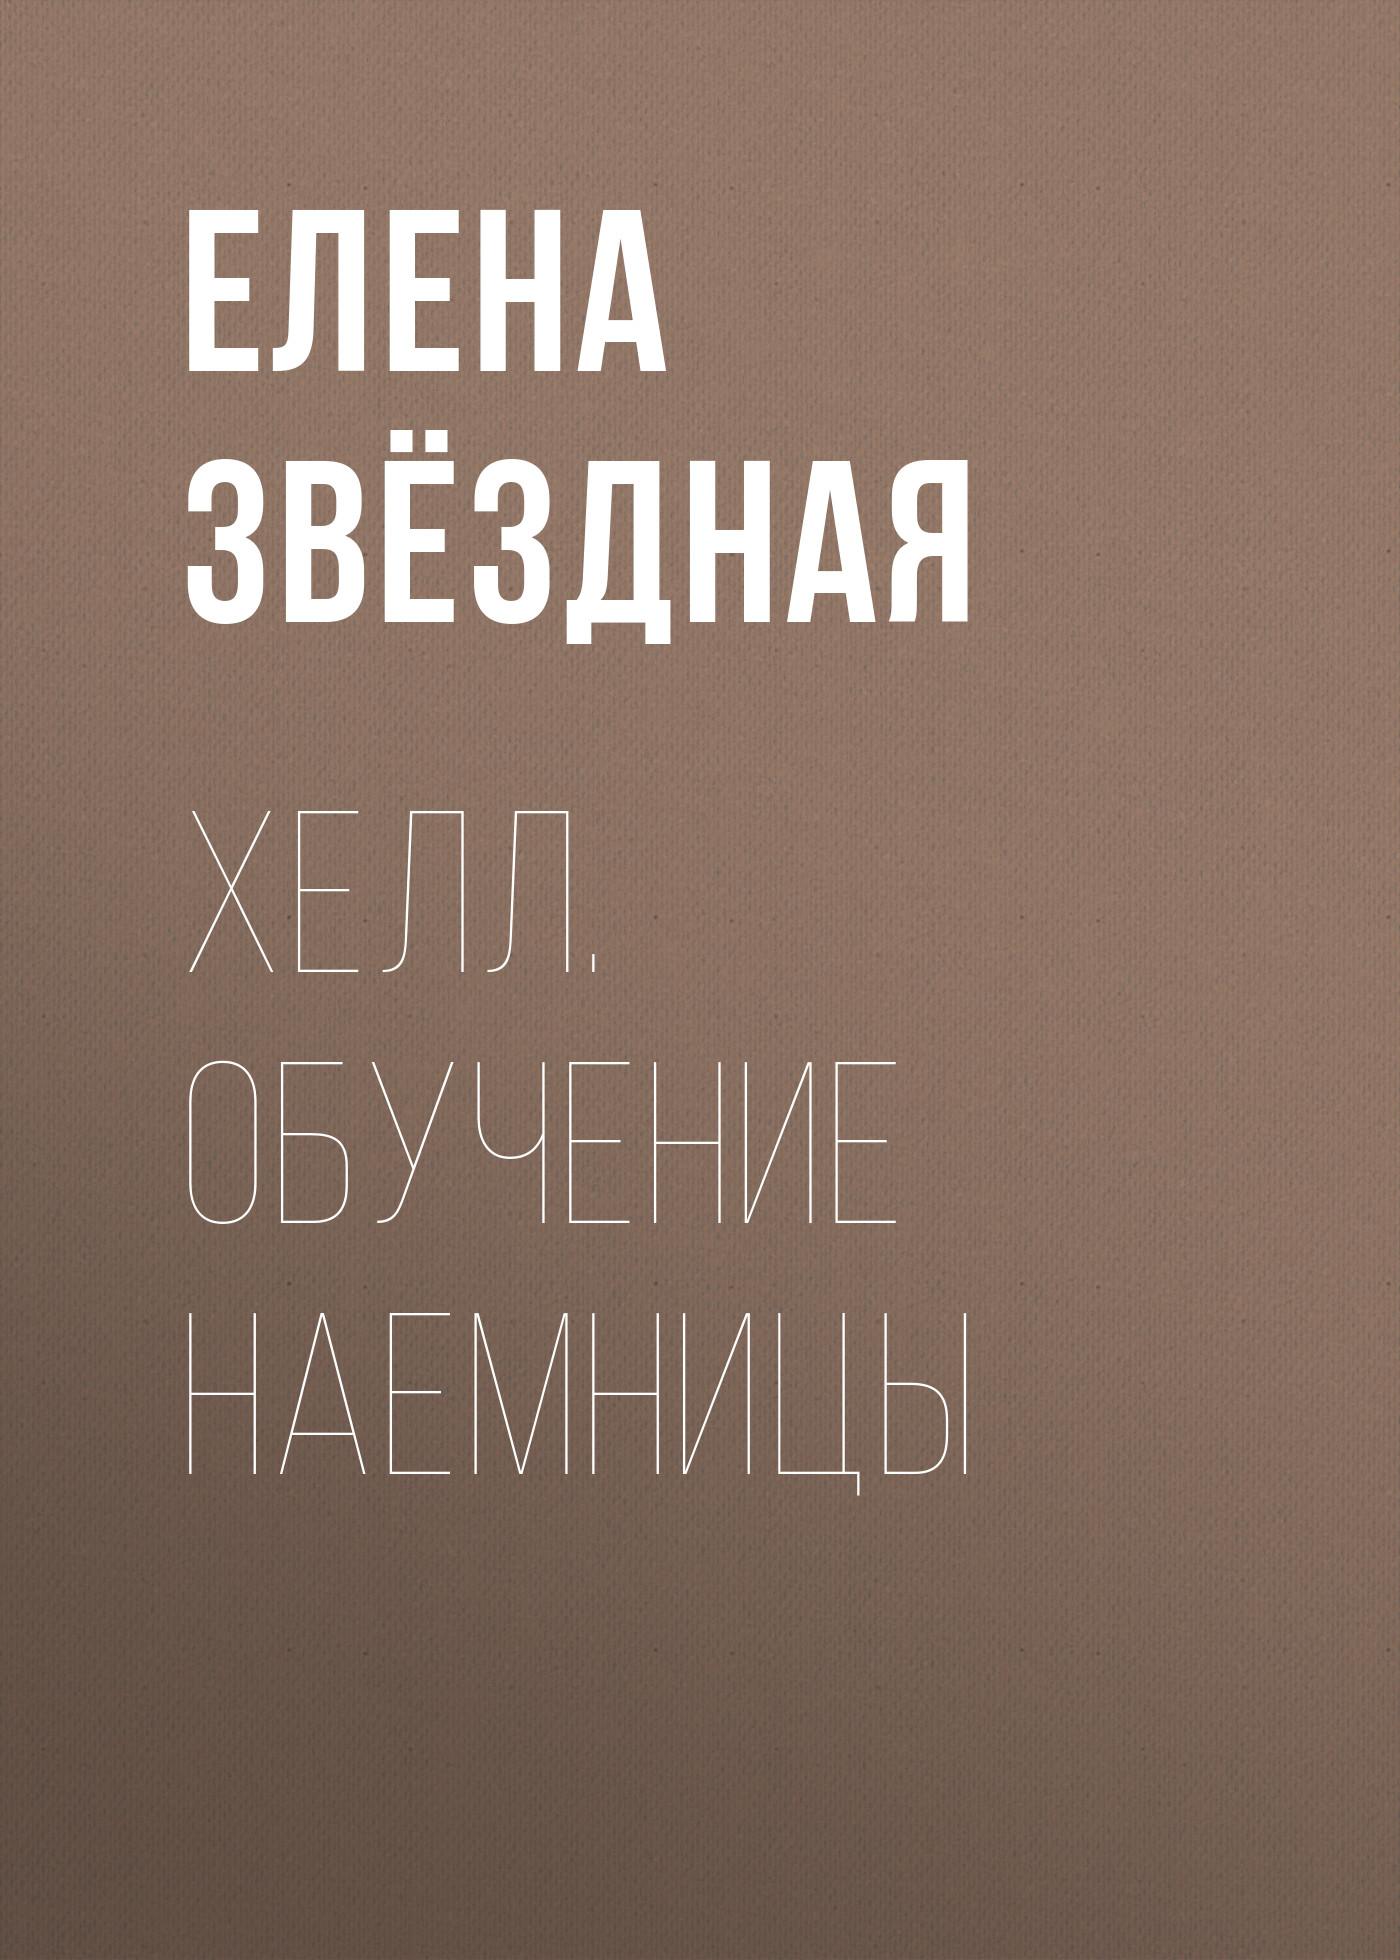 Елена Звездная Хелл. Обучение наемницы хелл